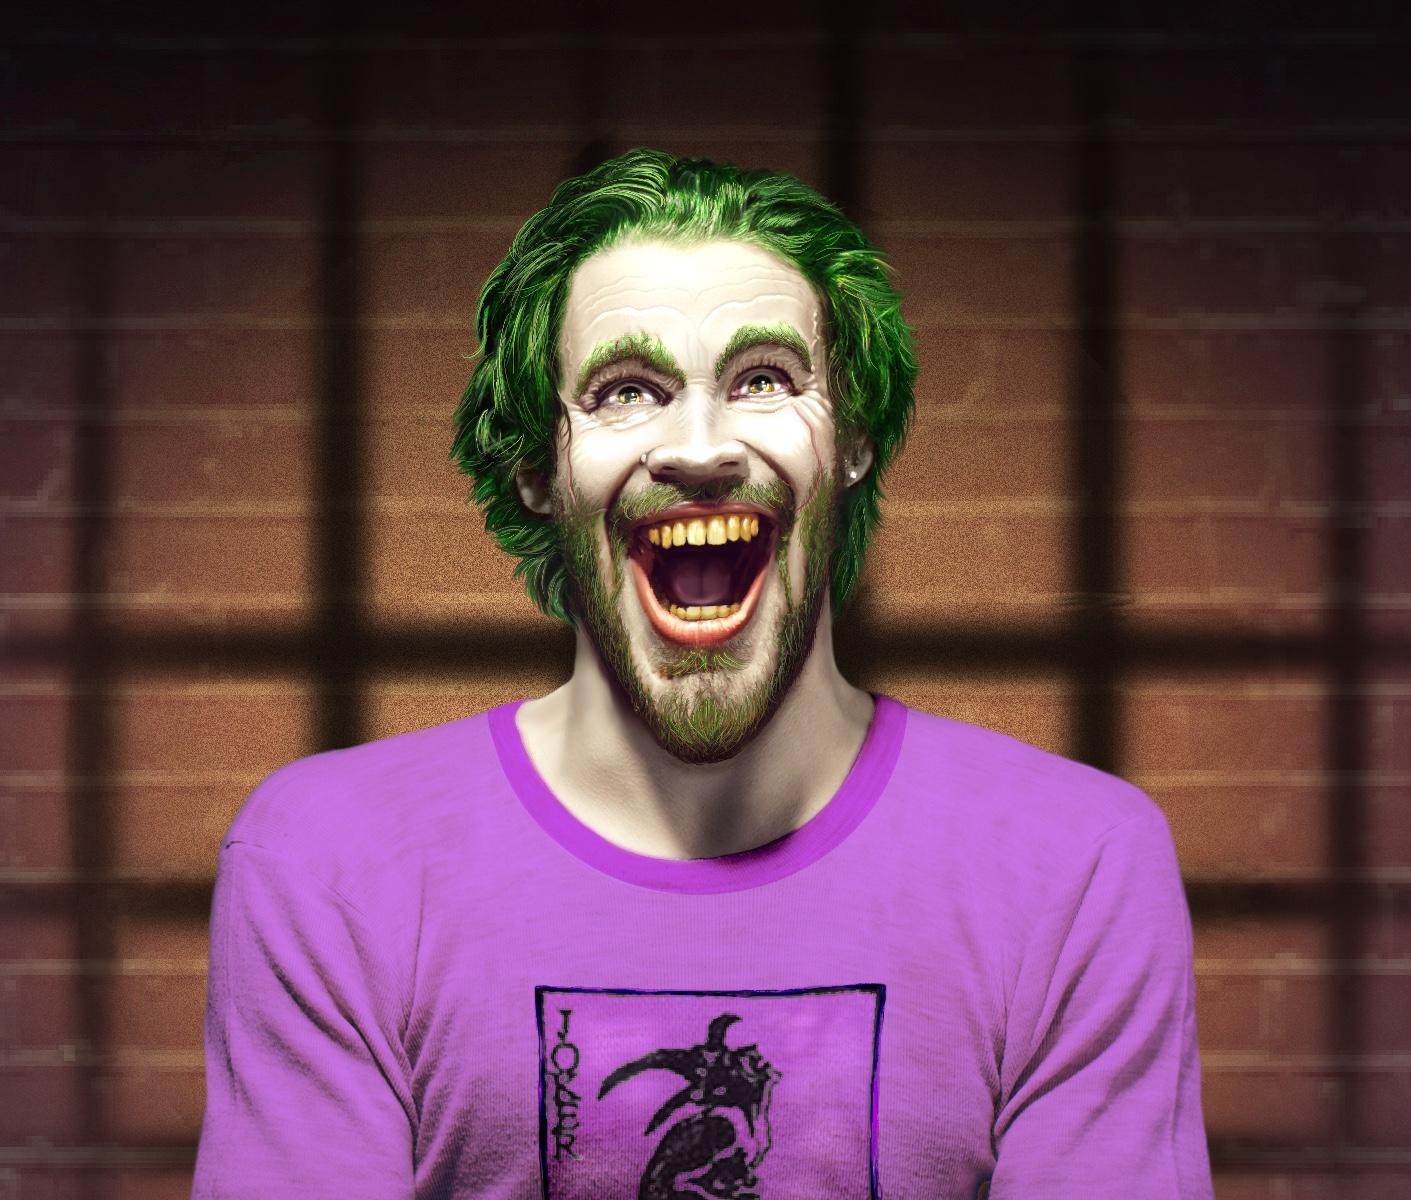 Joker on Ice